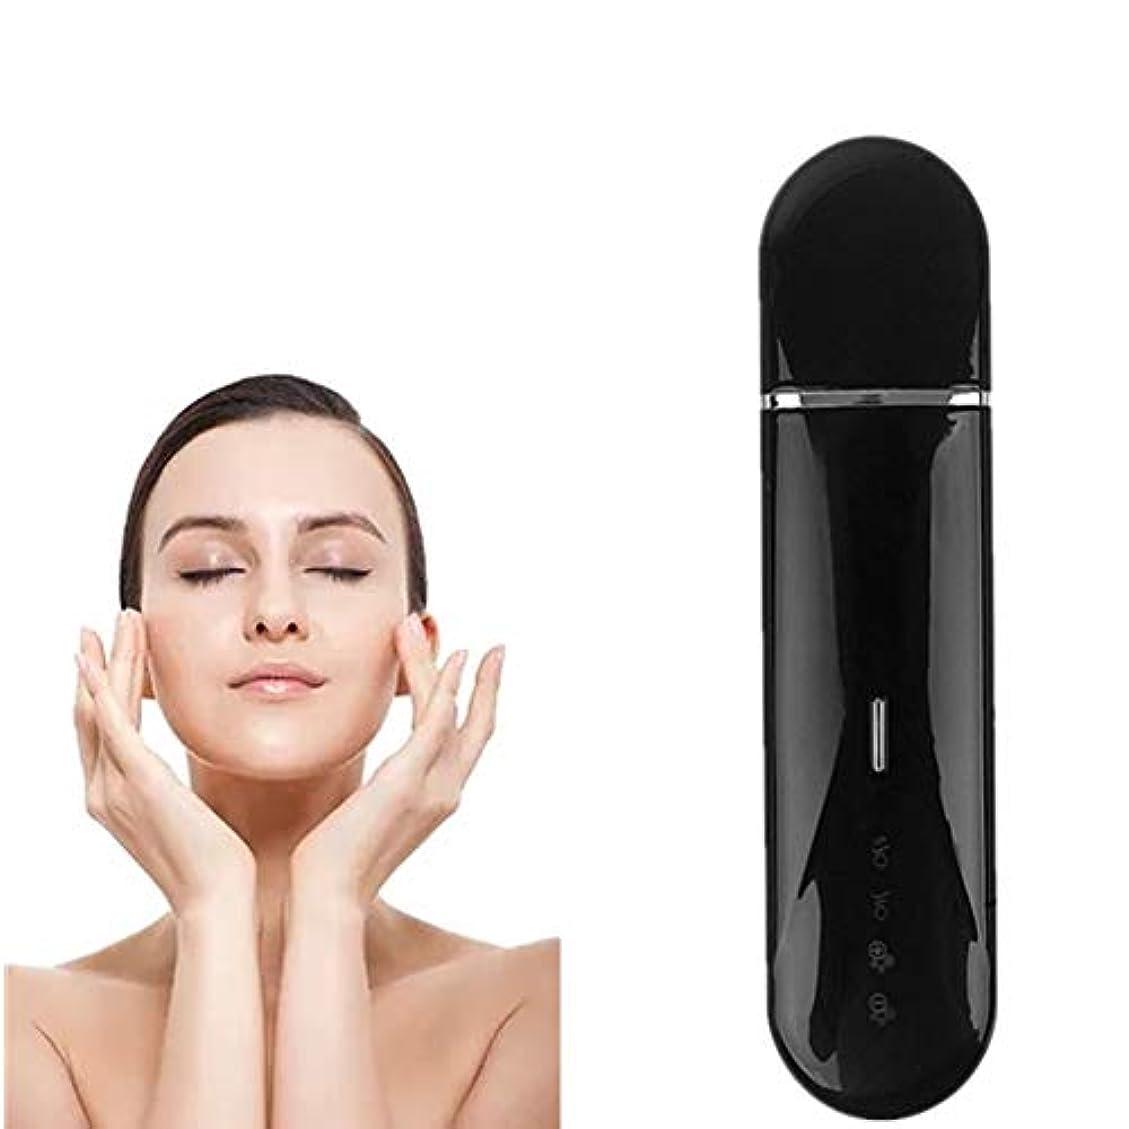 ジュラシックパーク乱暴な拒絶する顔の皮膚スクラバー?フェイシャル美容機器のUSB充電式デバイスブラックヘッドリムーバー毛穴掃除機モードツールスキンケアピーリングしわ除去機 - 黒のピーリング?フェイシャルリフティング